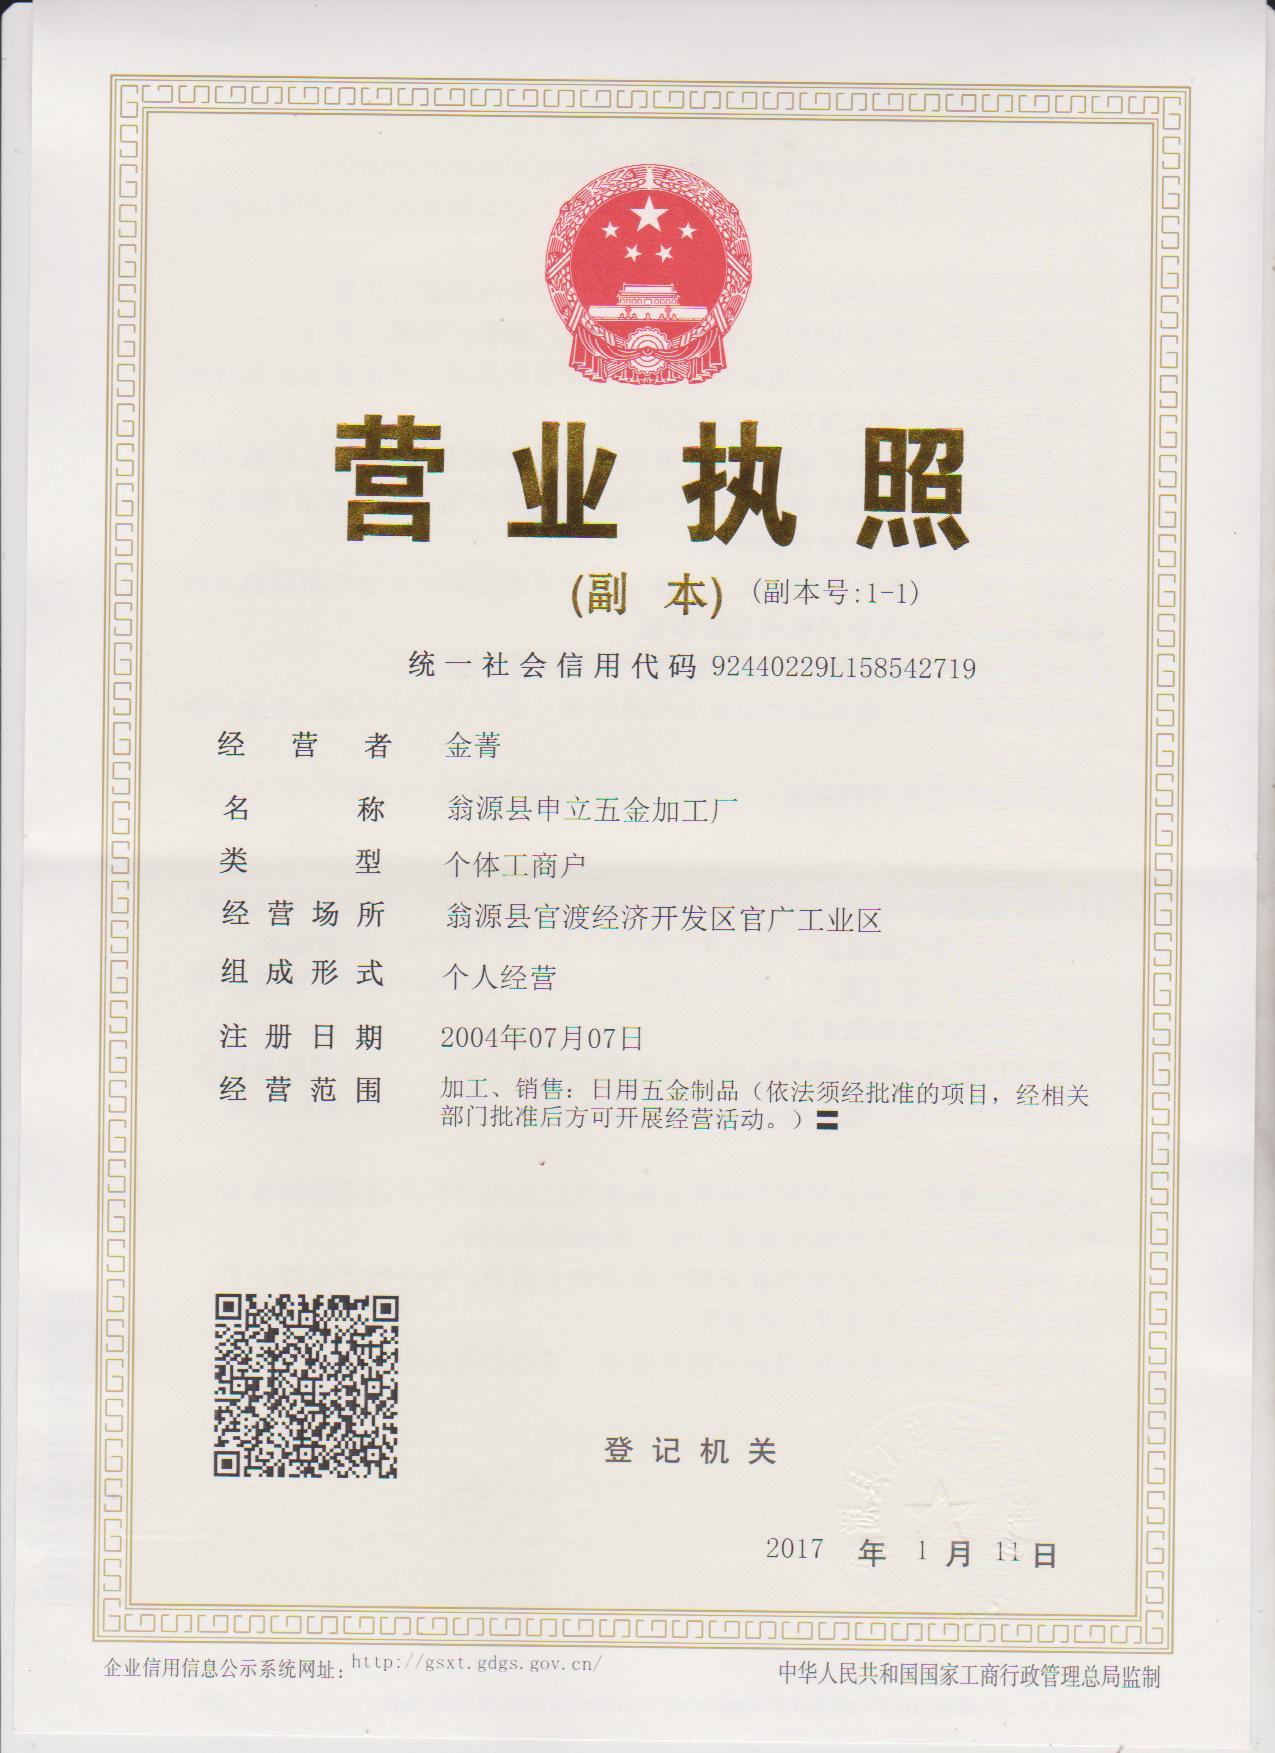 翁源县申立五金加工厂企业档案